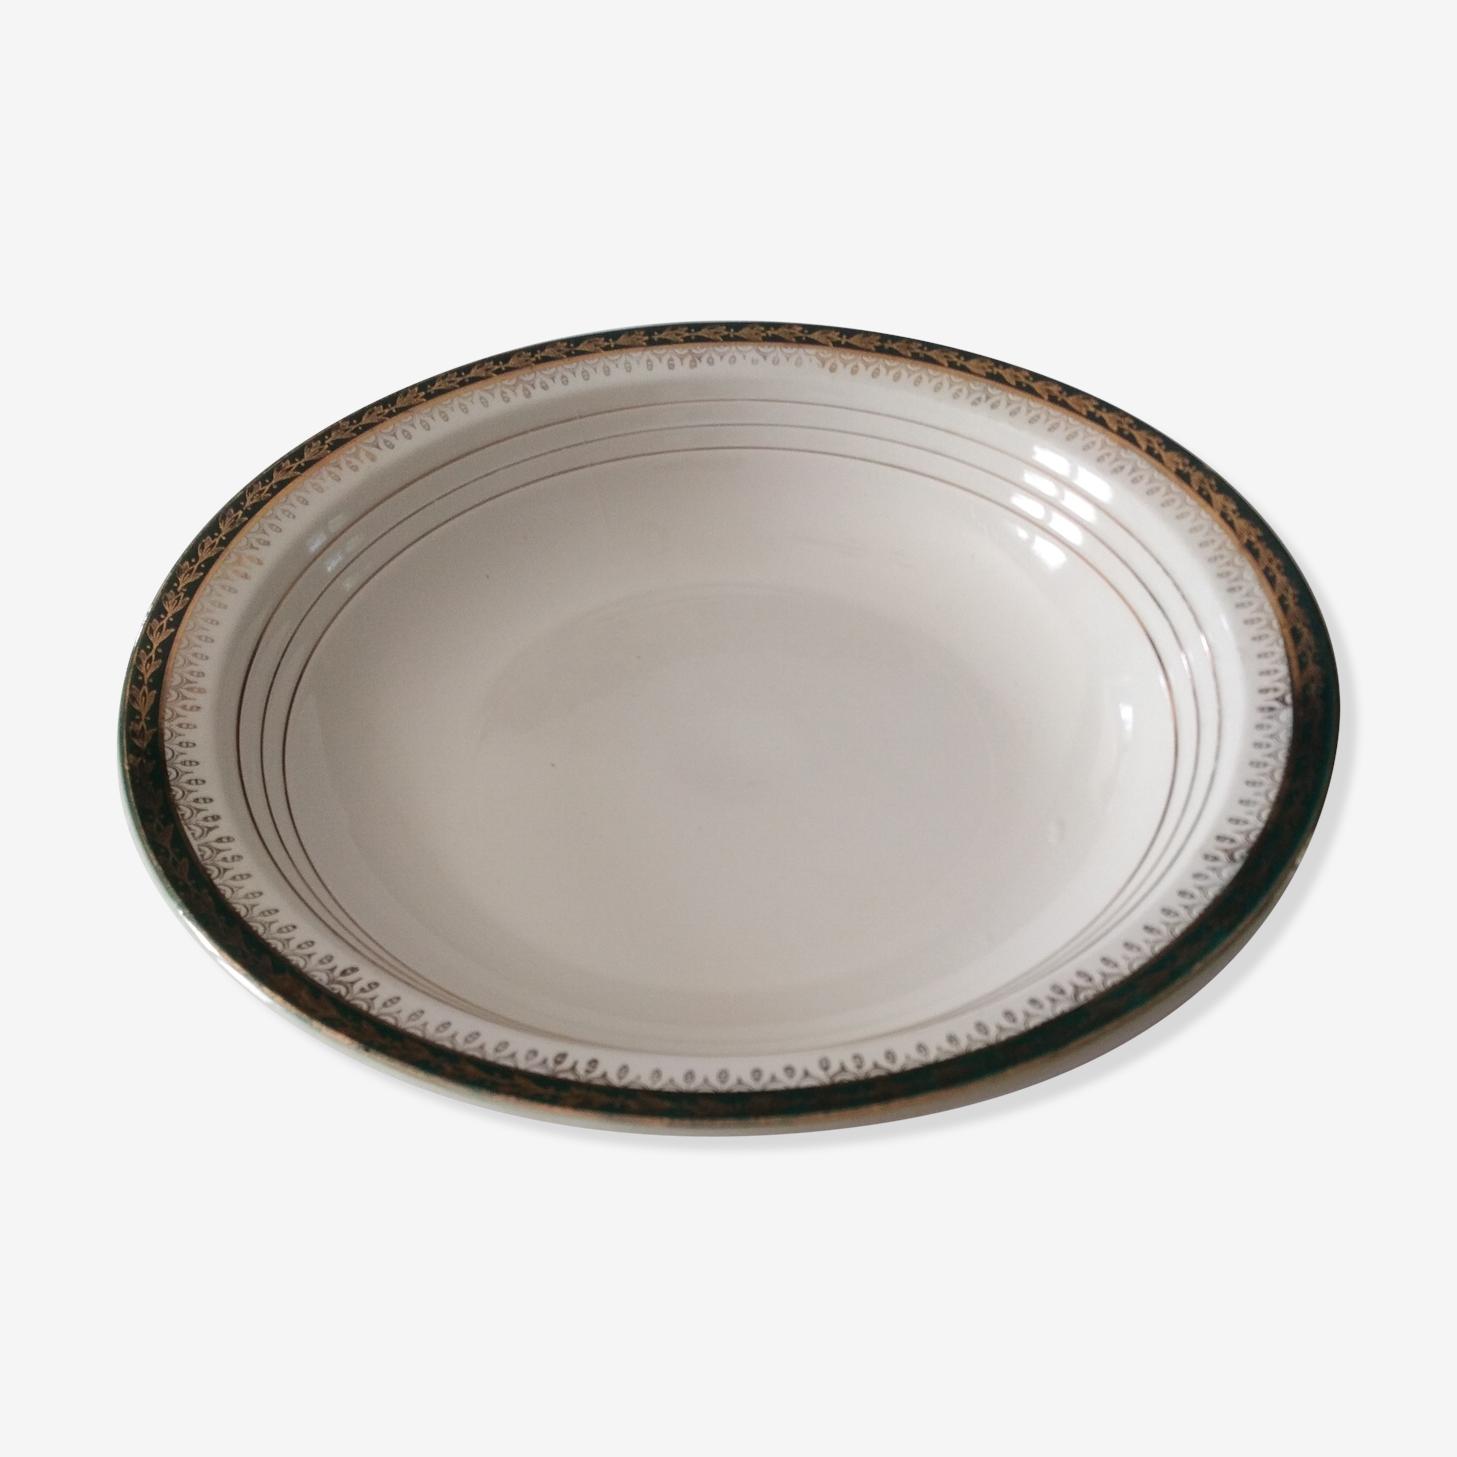 Plat de service ancien en porcelaine semi opaque fabrique Ceranord